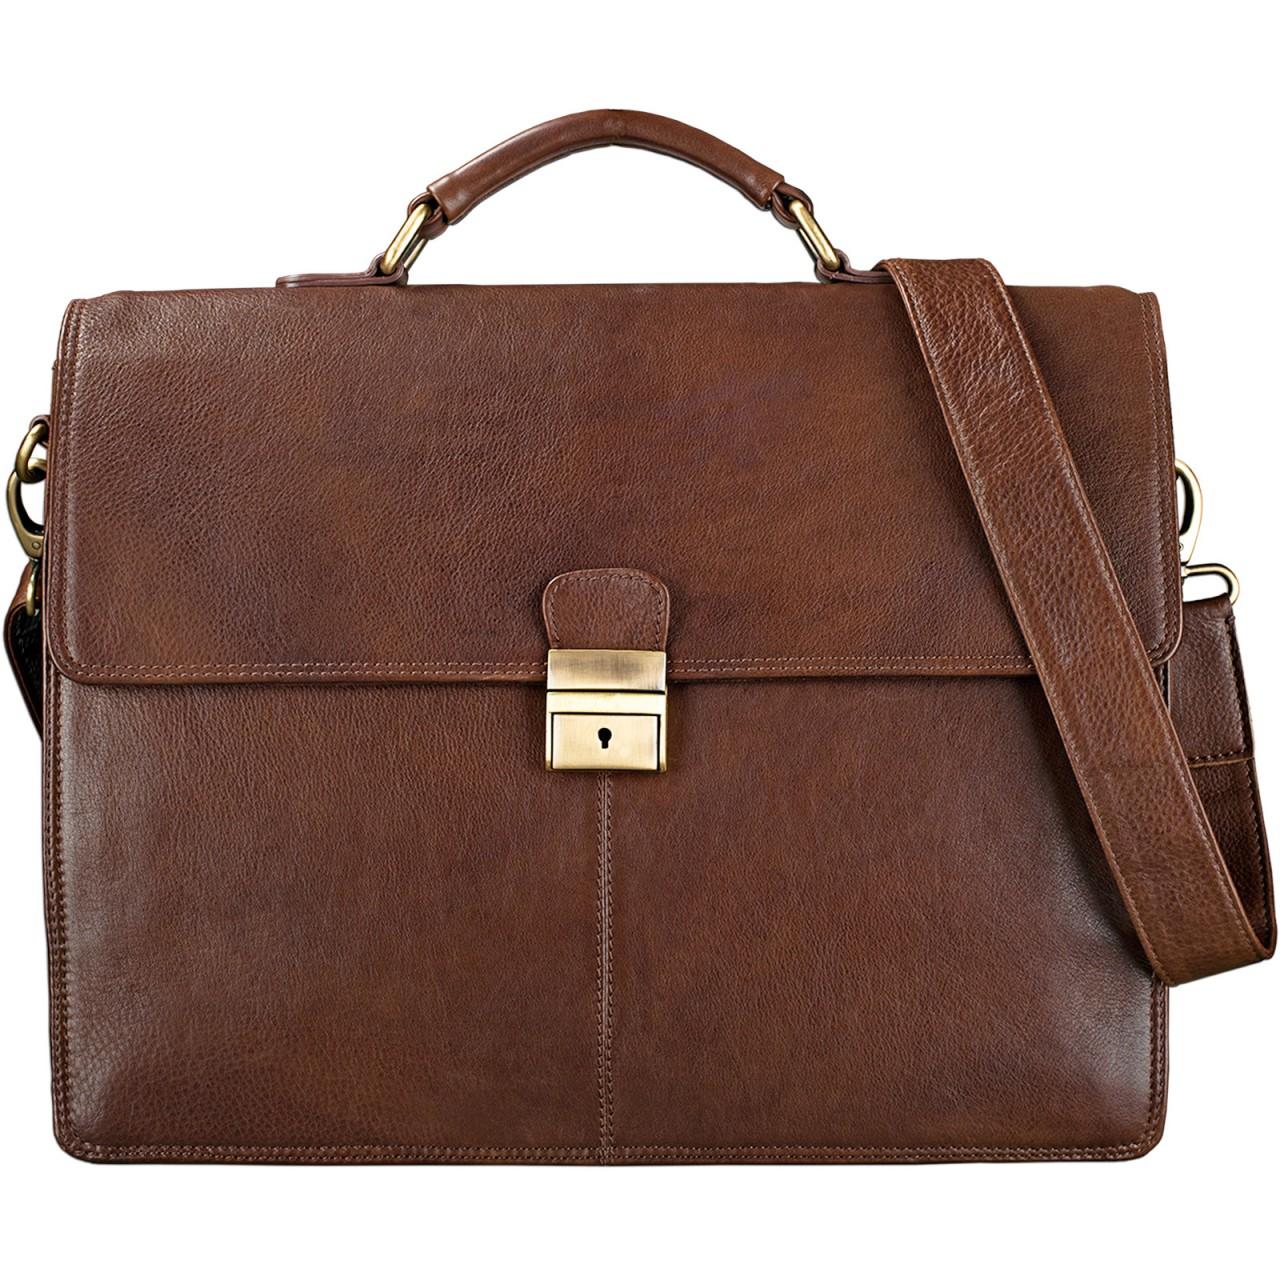 """STILORD """"Edward"""" Herren Aktentasche Dokumententasche Laptoptasche Business Büro Tasche mit Schultergurt echt Leder - Bild 8"""